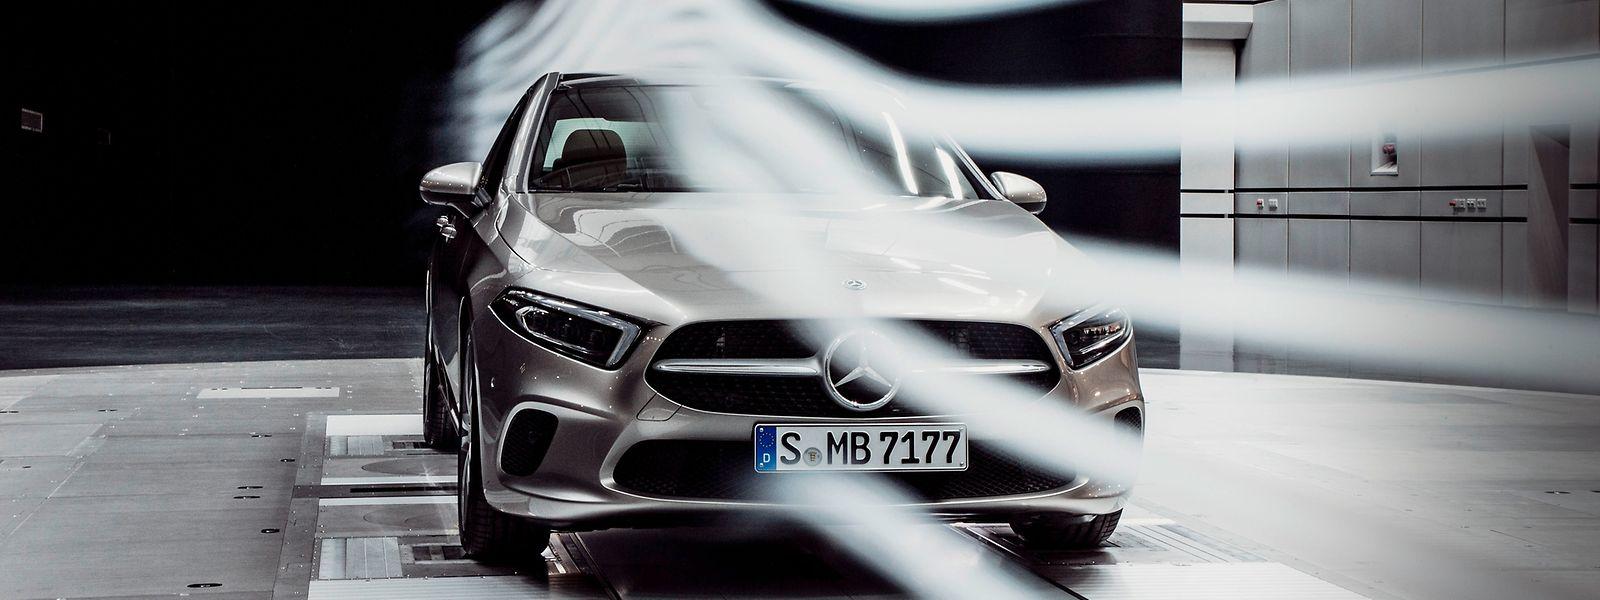 Bessere Aerodynamik für weniger Verbrauch: Die Mercedes A-Klasse Limousine mit einem cw-Wert von 0,22.